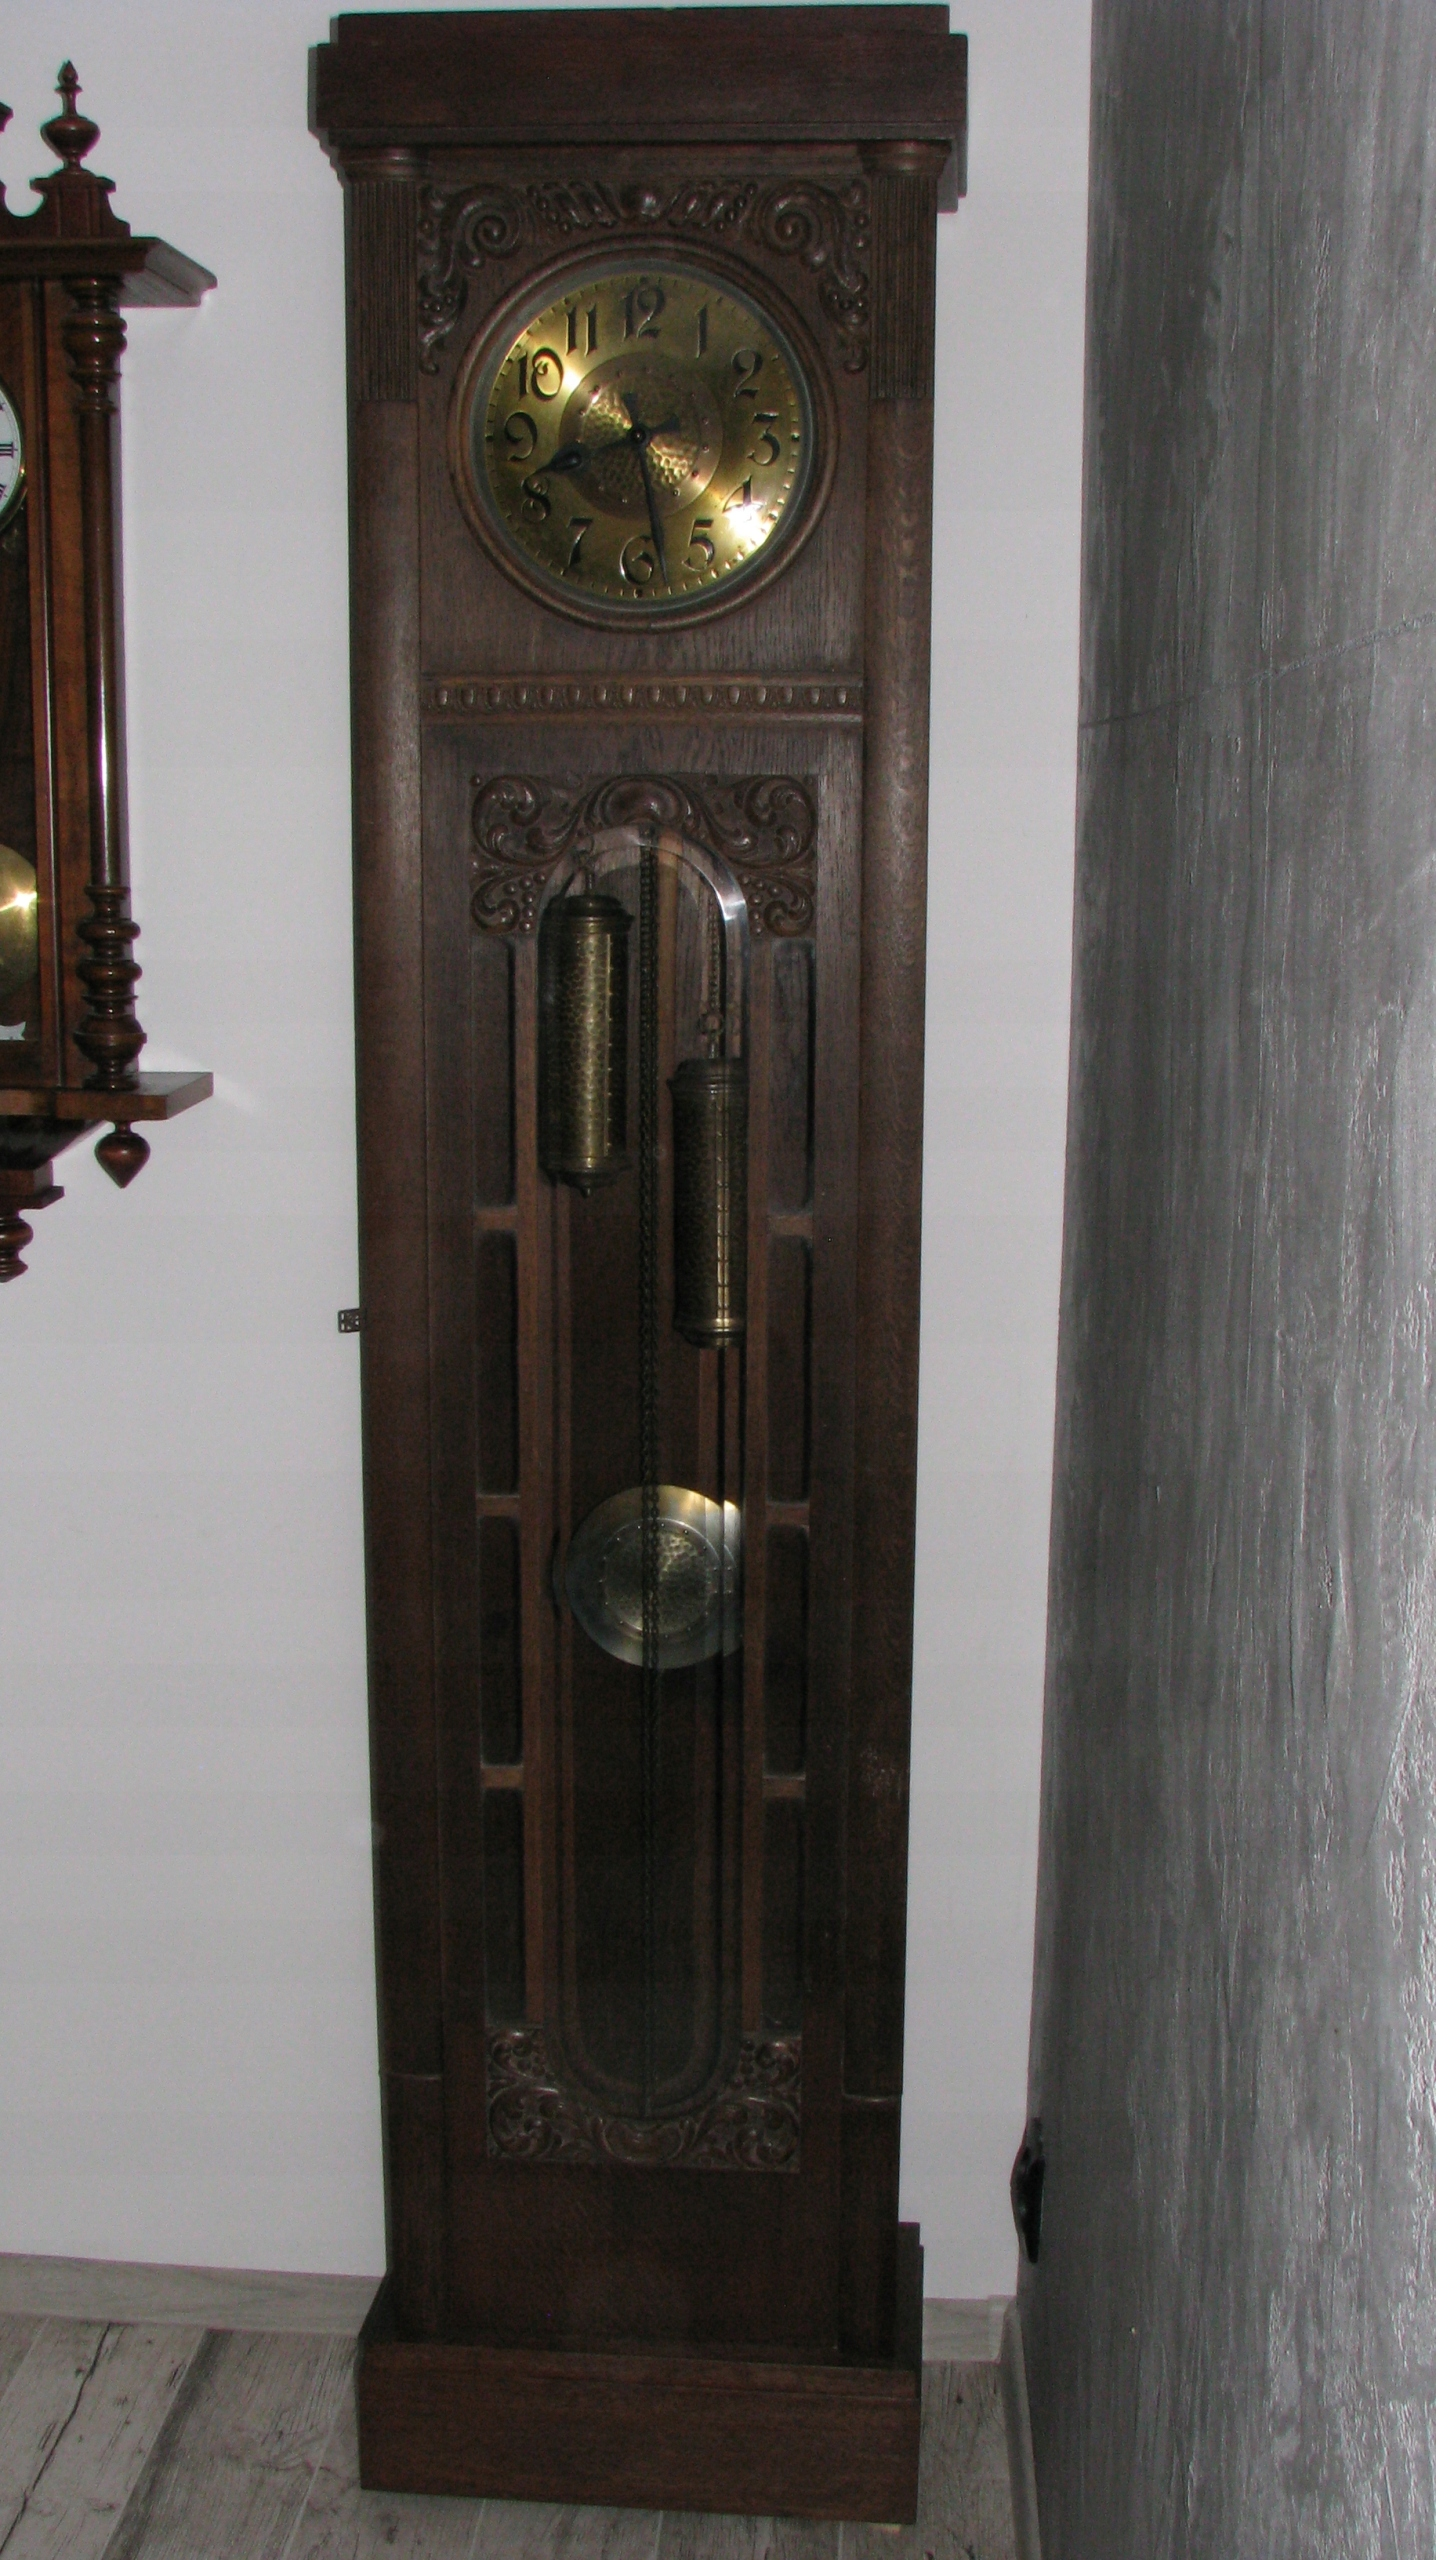 Zegar Stojący Piękny Gustaw Becker Dębowy P112